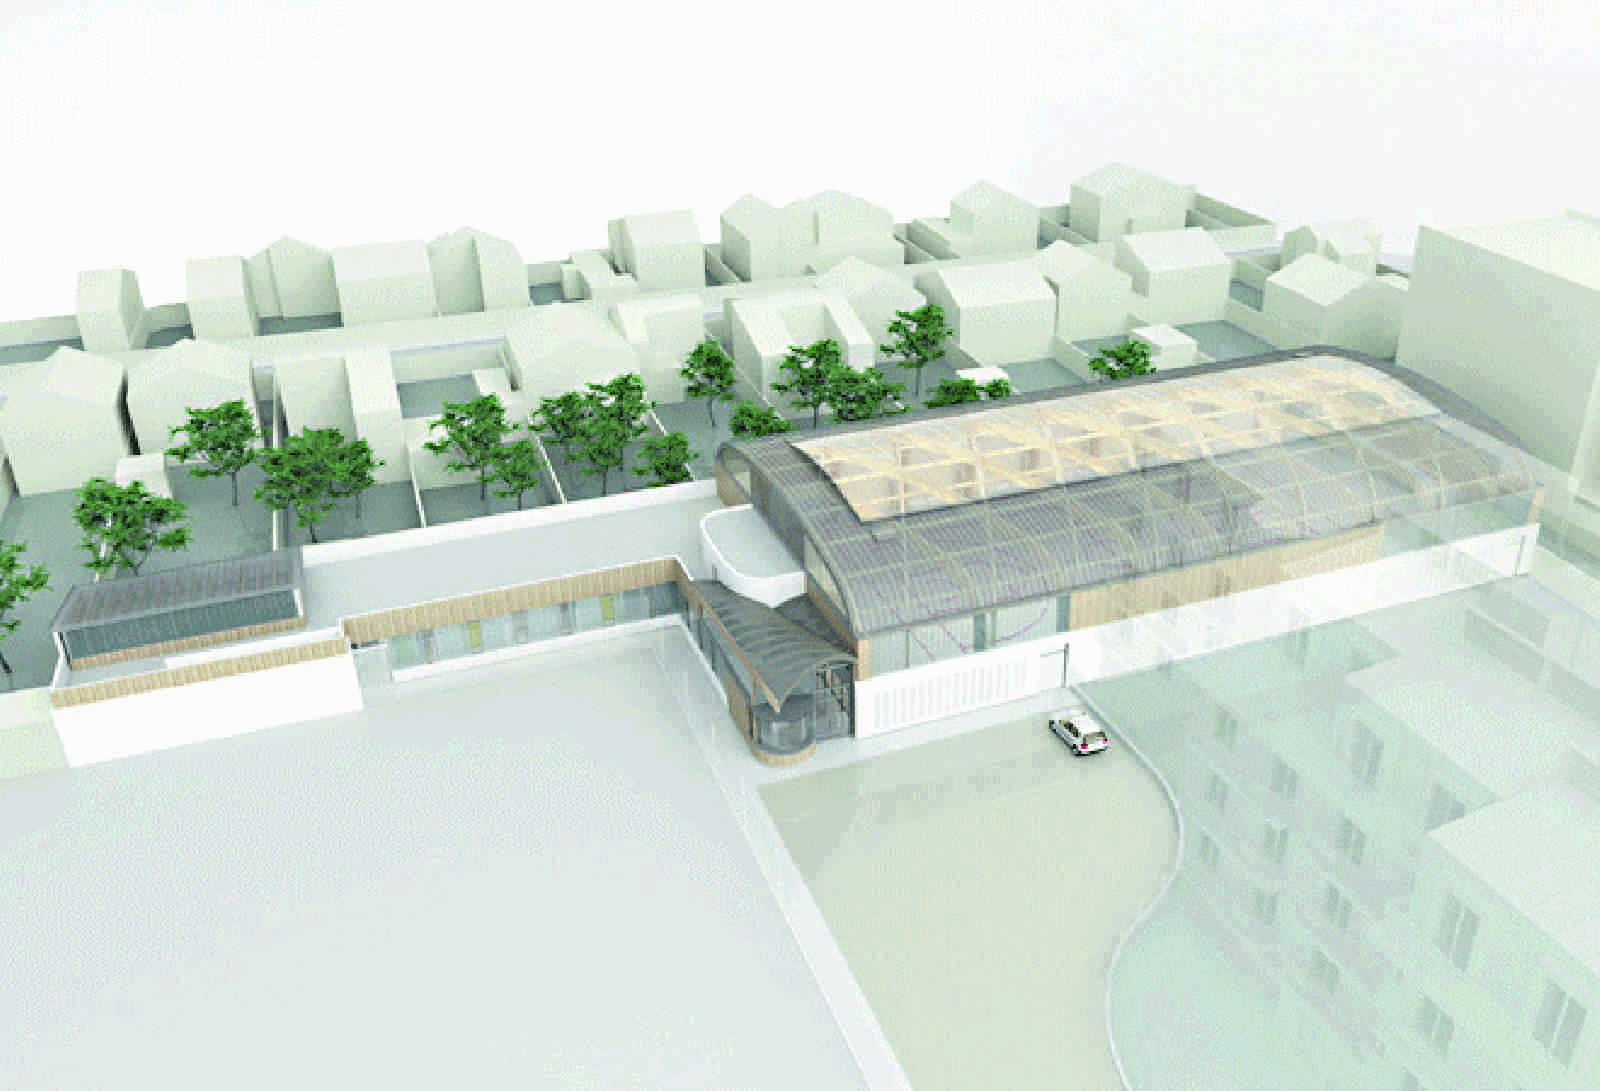 Atelier D Architecture Alexandre Dreyssé gymnasium rÉgis racineatelier d'architecture alexandre